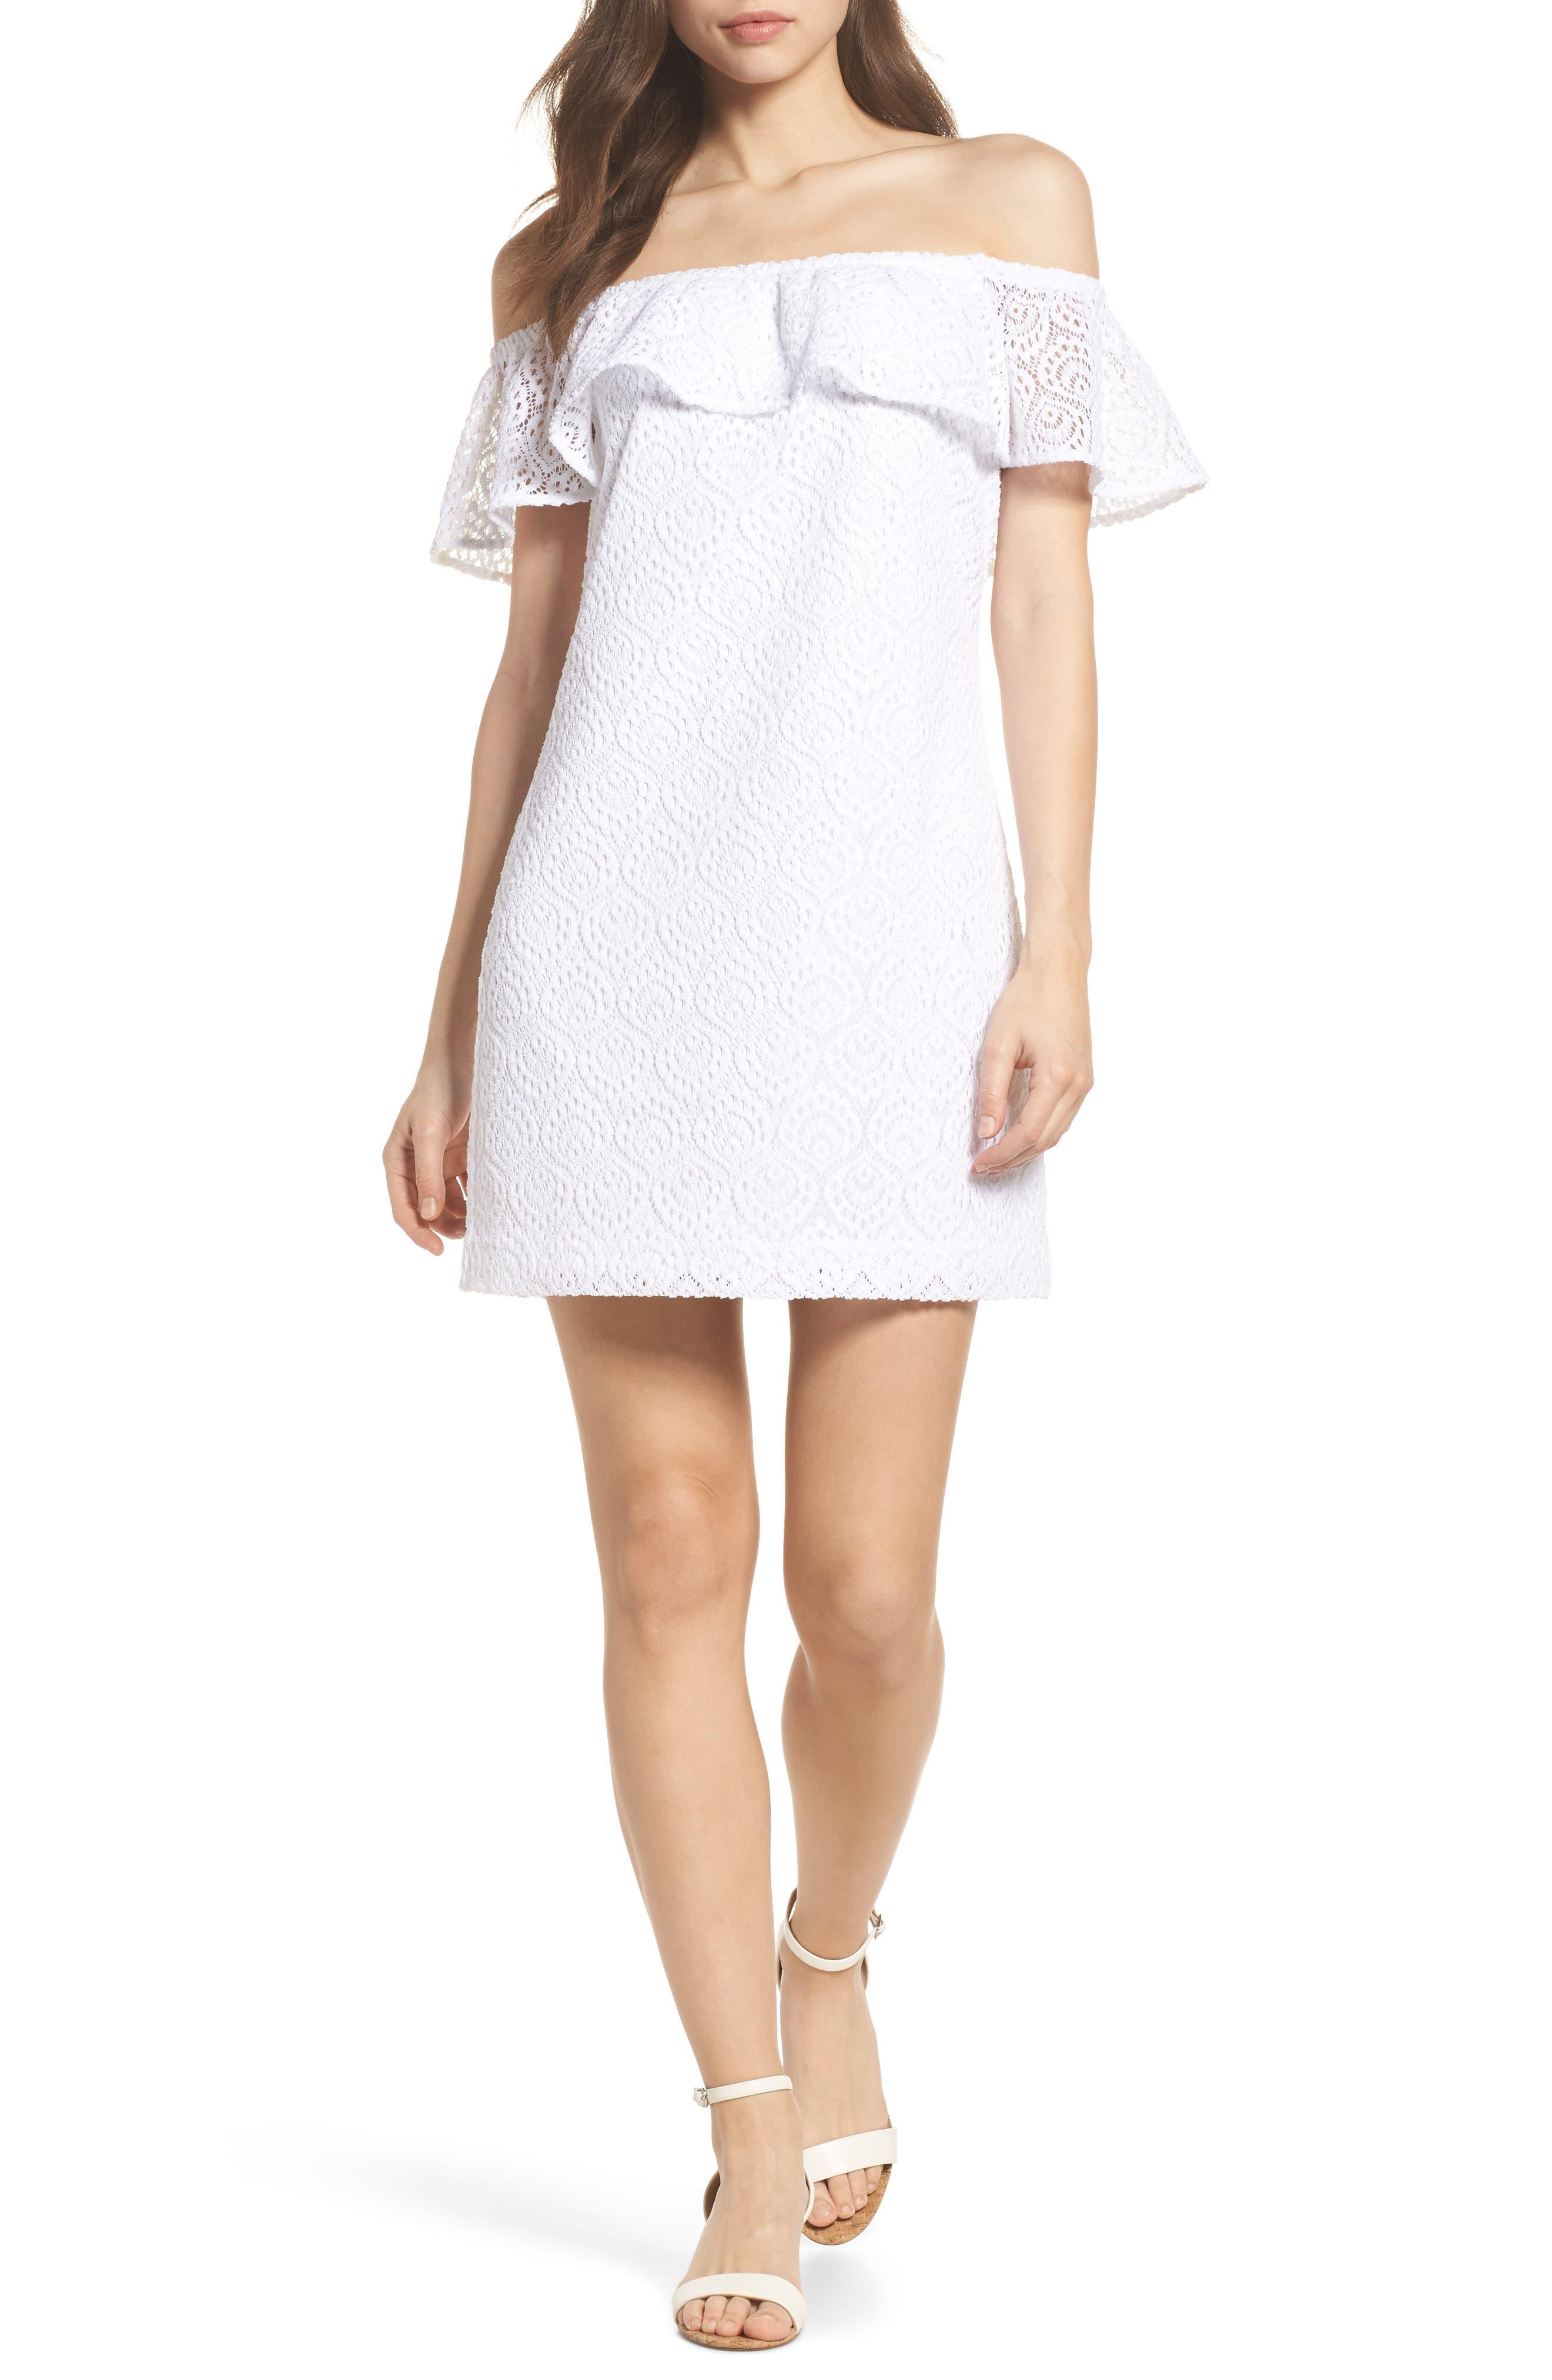 La Fortuna Off the Shoulder Lace Dress,                             Main thumbnail 1, color,                             100